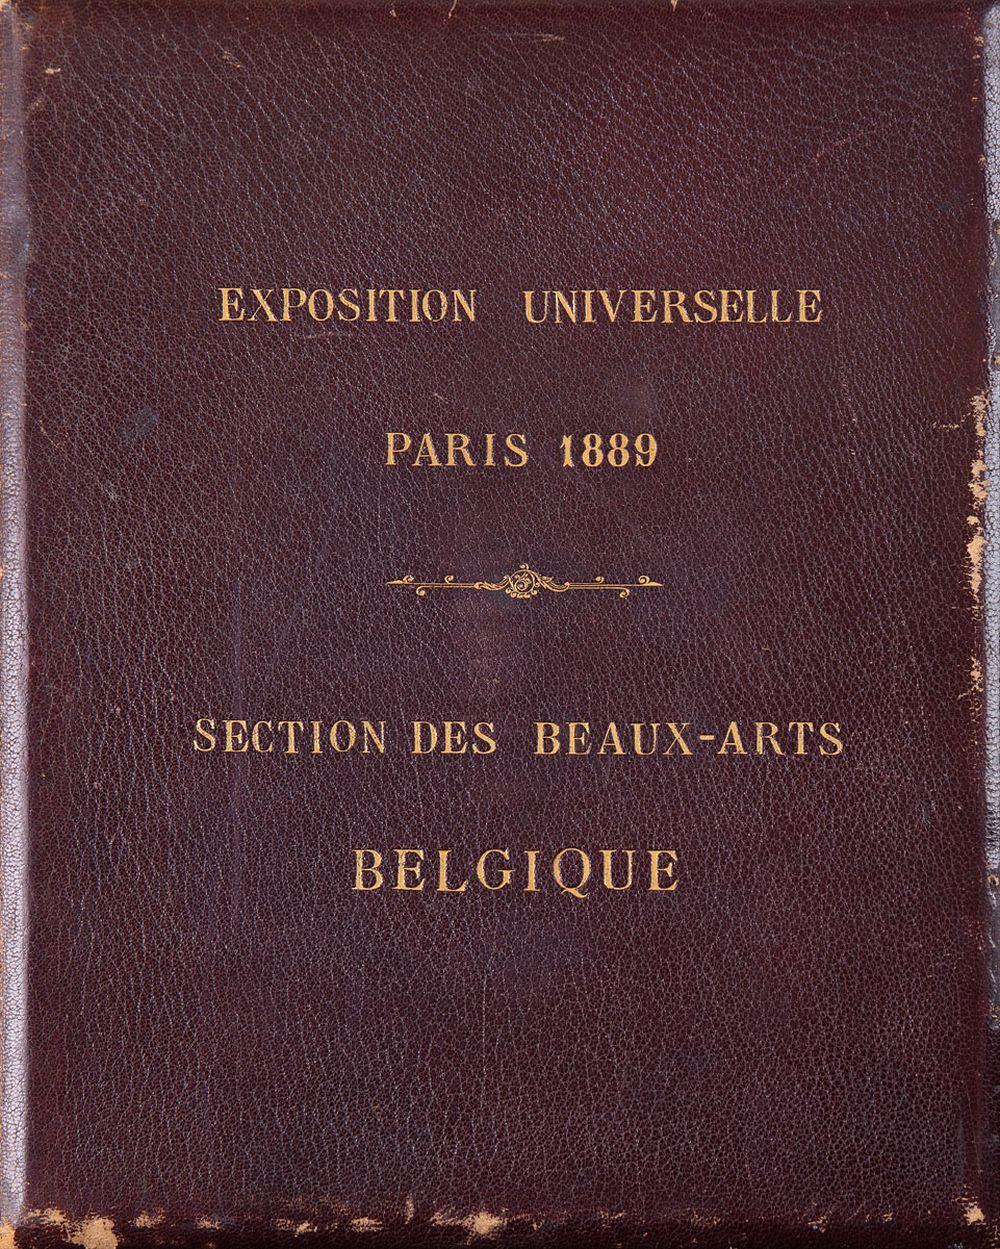 EXPOSITION UNIVERSELLE PARIS 1889. Section des Beaux-Ar